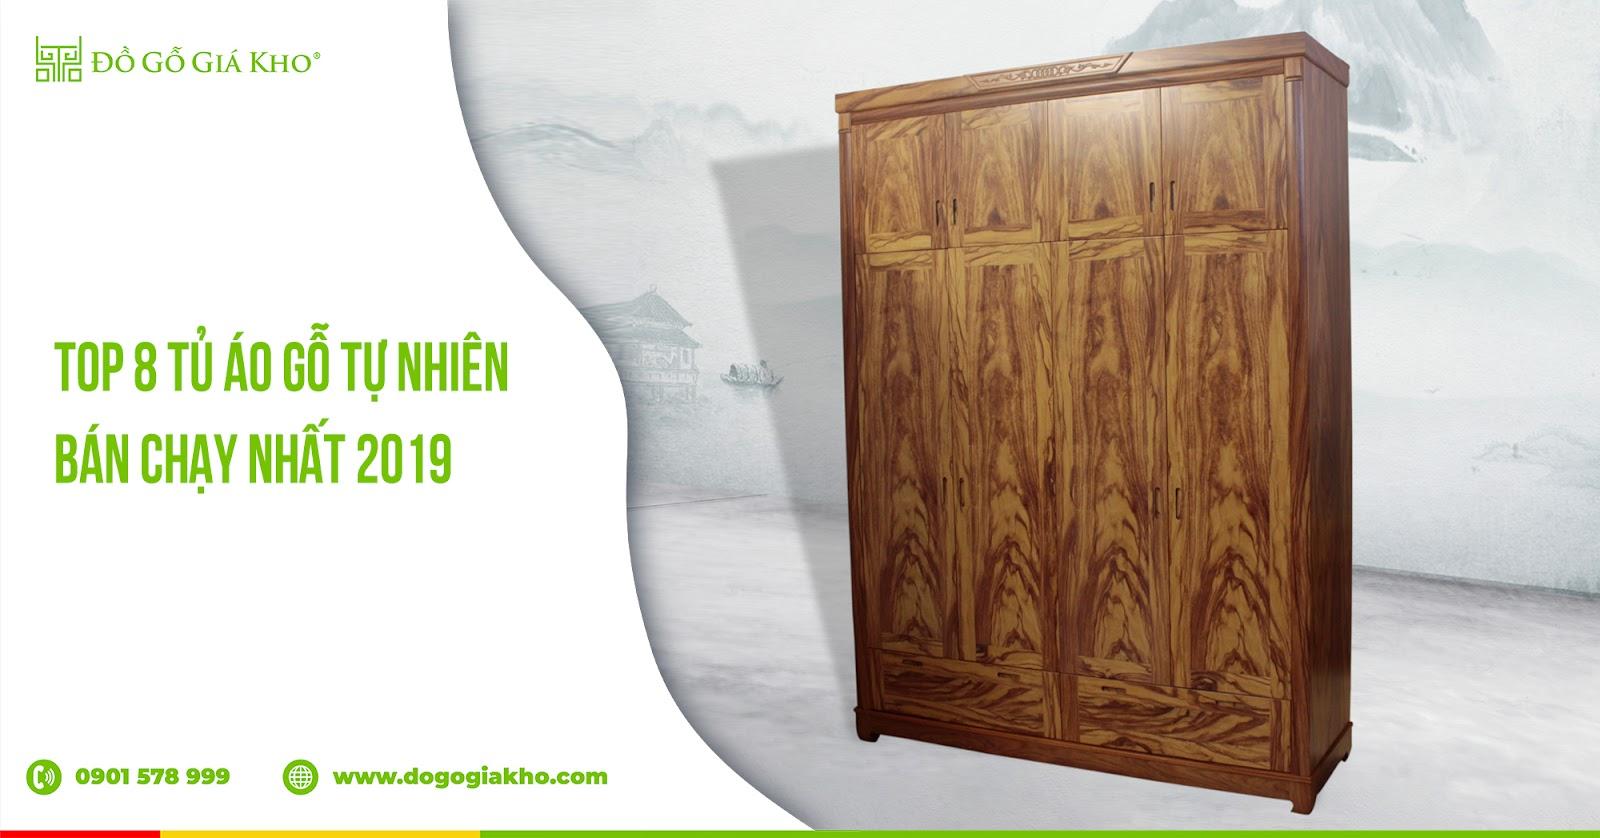 Top 8 tủ áo gỗ tự nhiên bán chạy nhất 2019